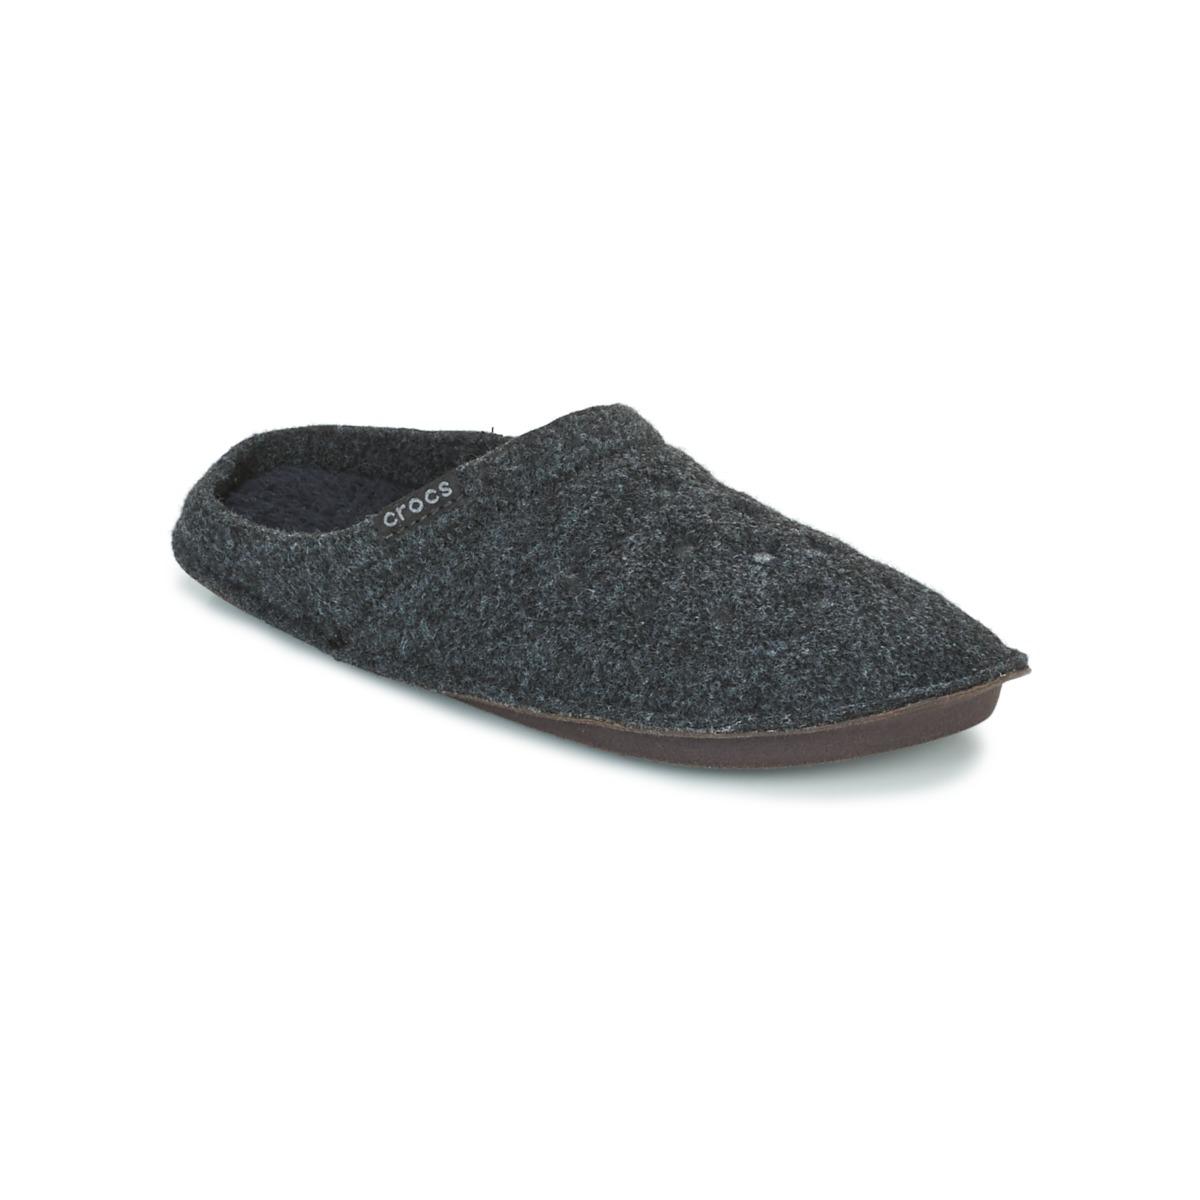 Crocs CLASSIC SLIPPER Schwarz - Kostenloser Versand bei Spartoode ! - Schuhe Hausschuhe  29,99 €